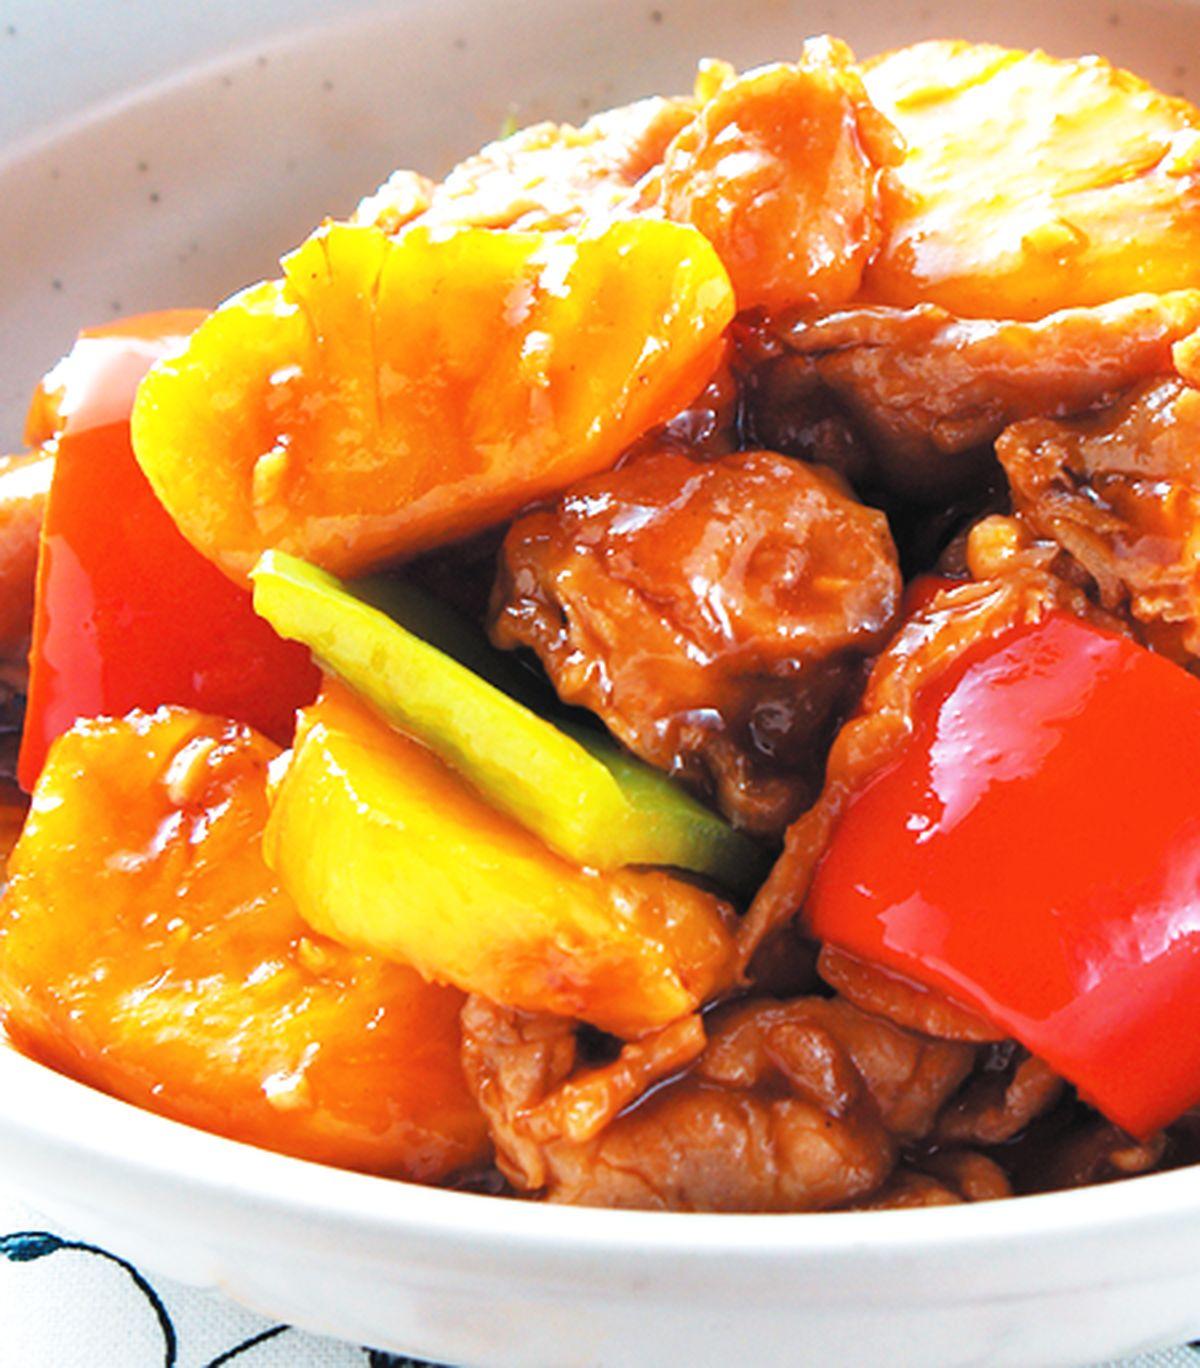 食譜:糖醋燒肉片